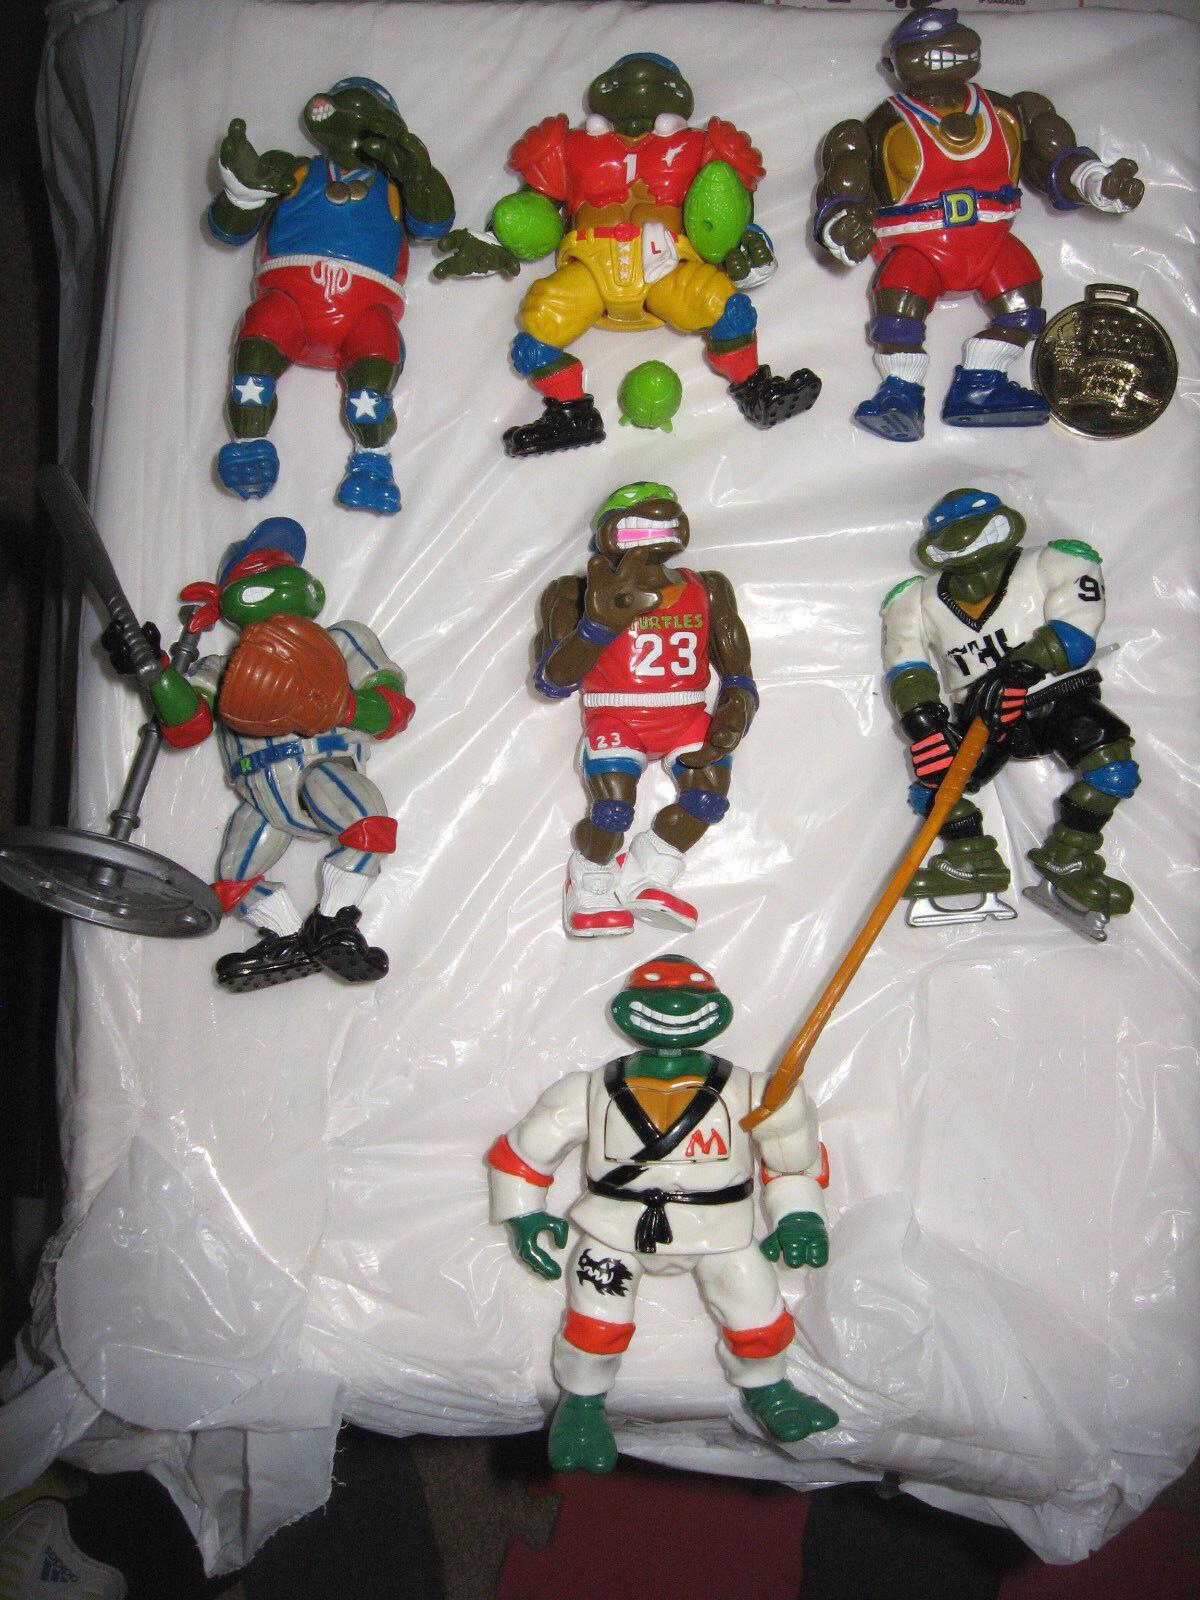 Teenage Mutant Ninja Turtles-Lot of 1991-92 Sports-Olympics Turtles.